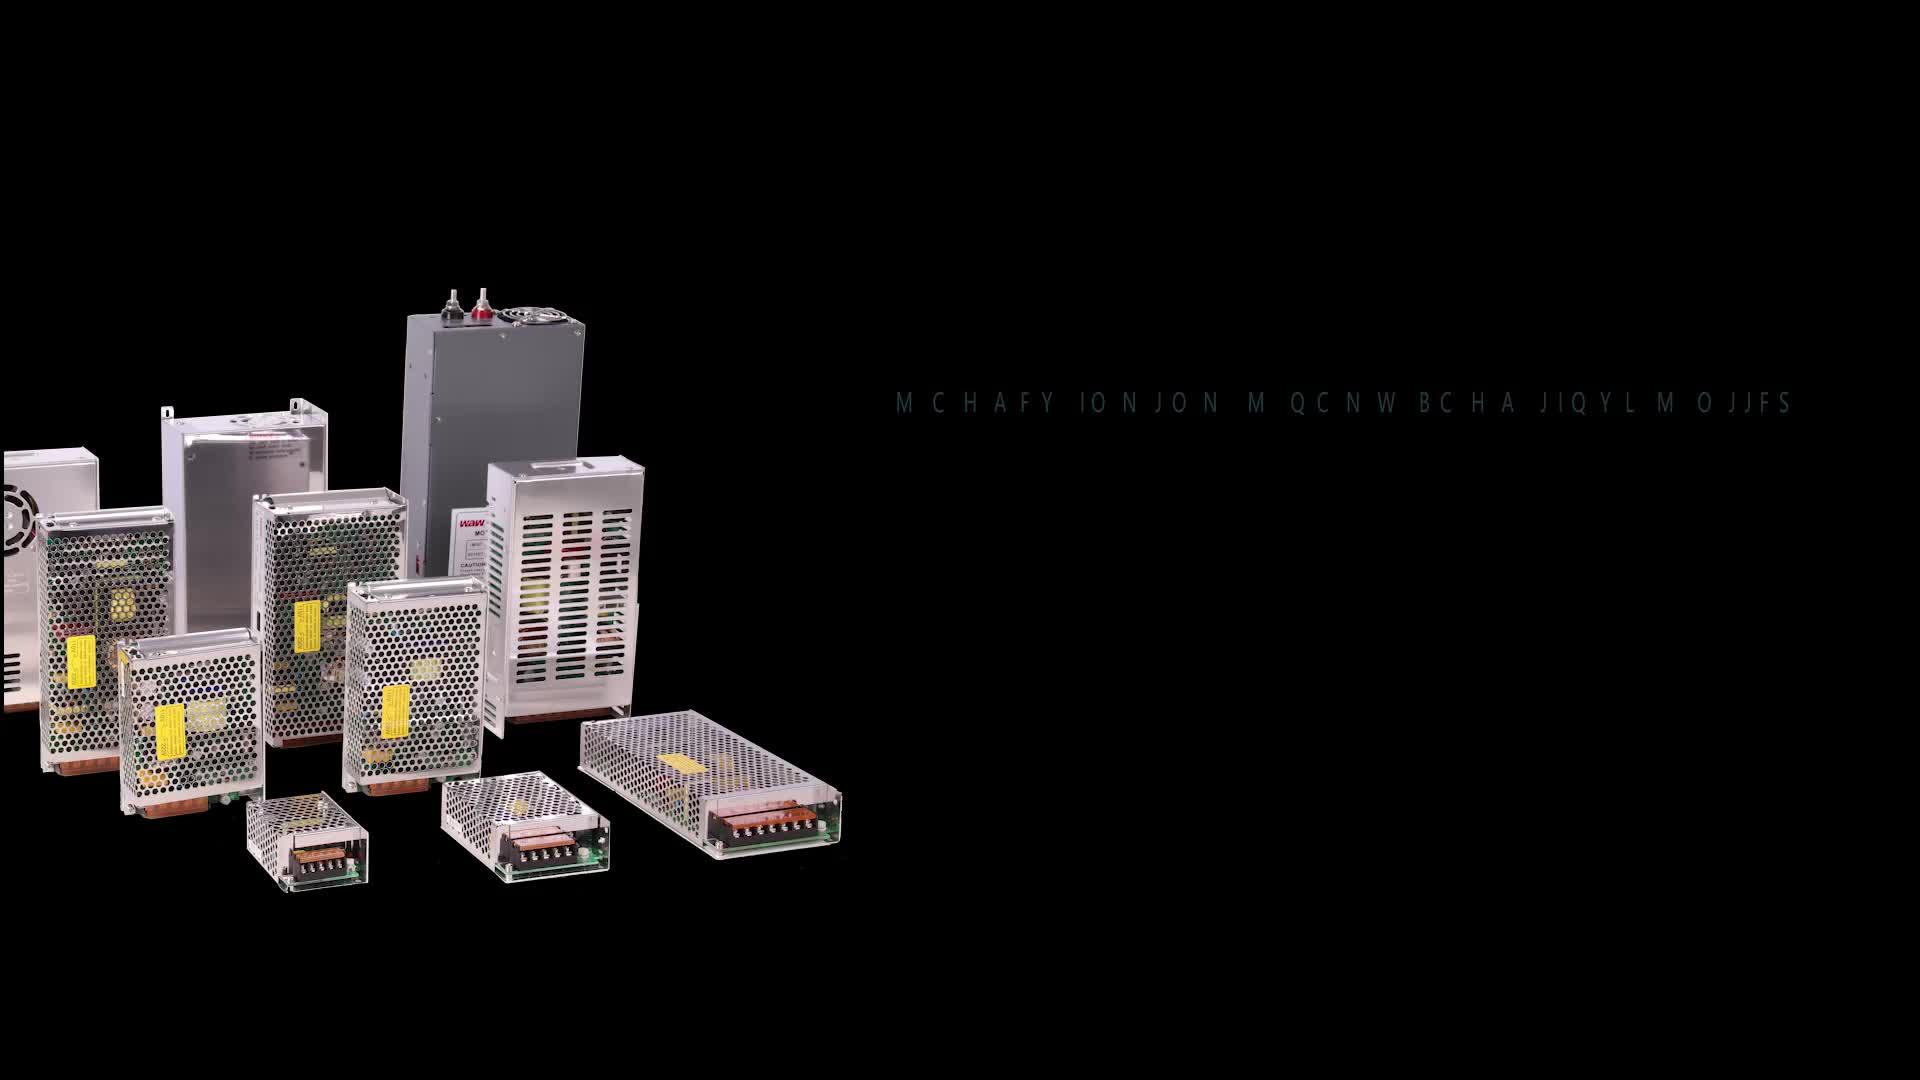 5 v 500 wát CCTV Camera/Dải LED/LCD đơn vị cung cấp điện với ROHS CE chấp thuận